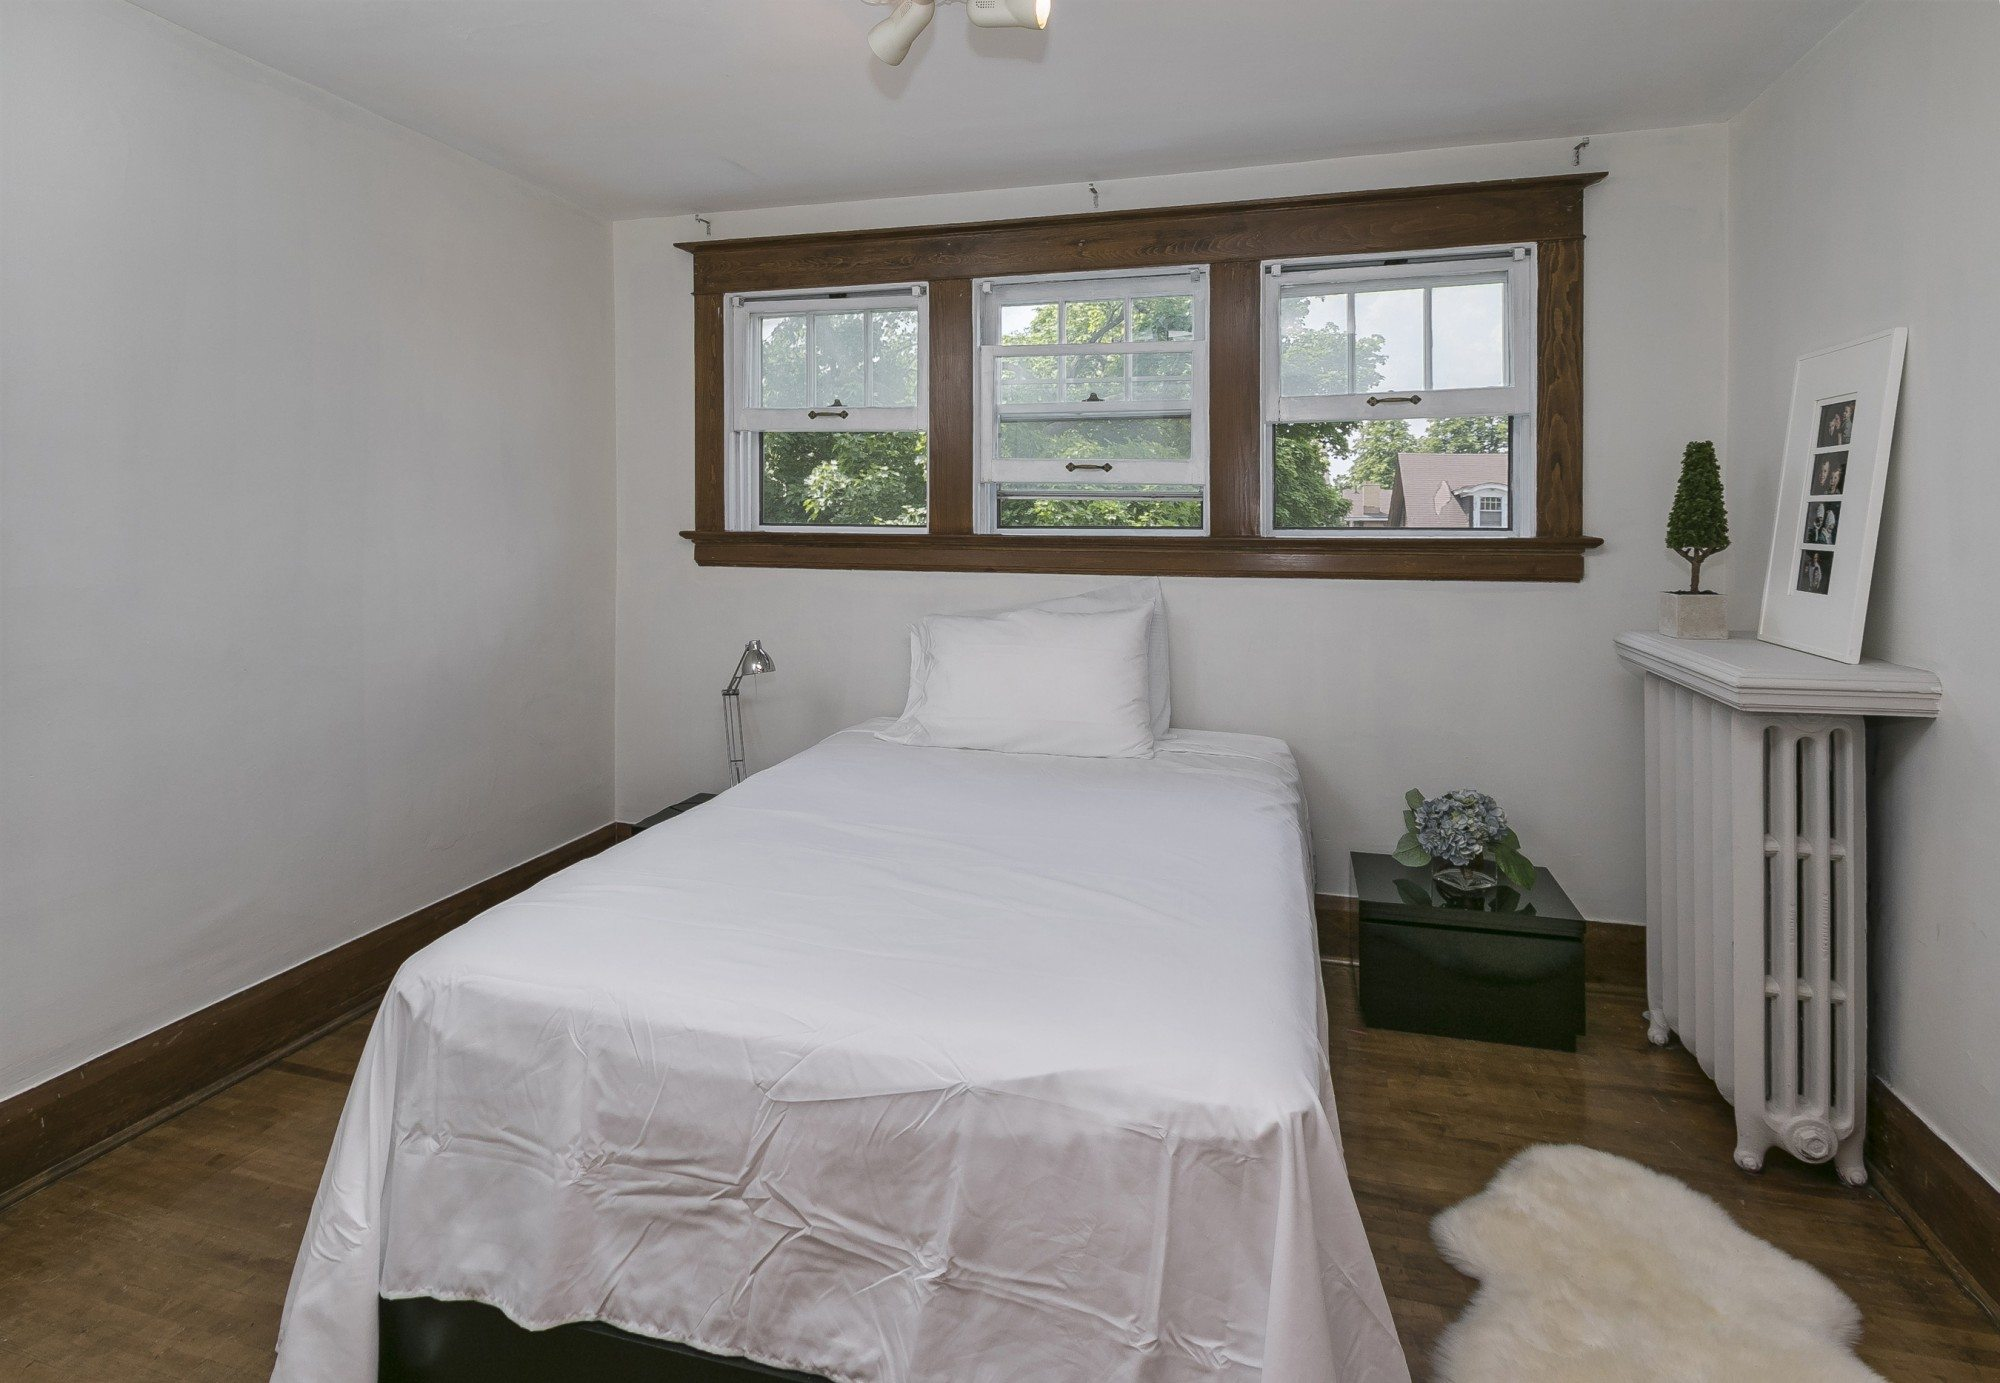 toronto-house-for-sale-15-glenholme-avenue-12